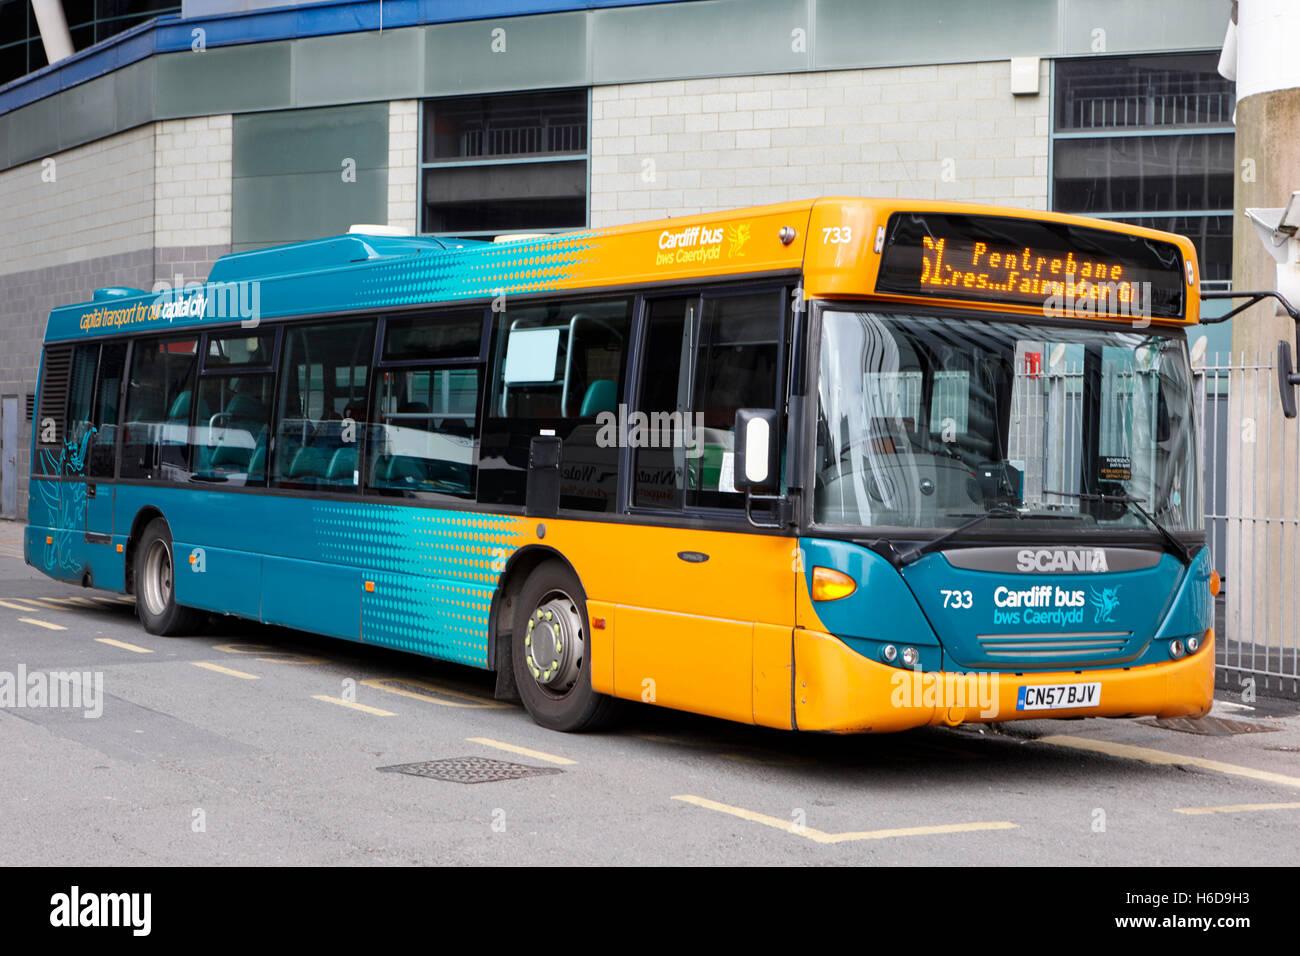 scania Cardiff bus public transport Wales United Kingdom - Stock Image